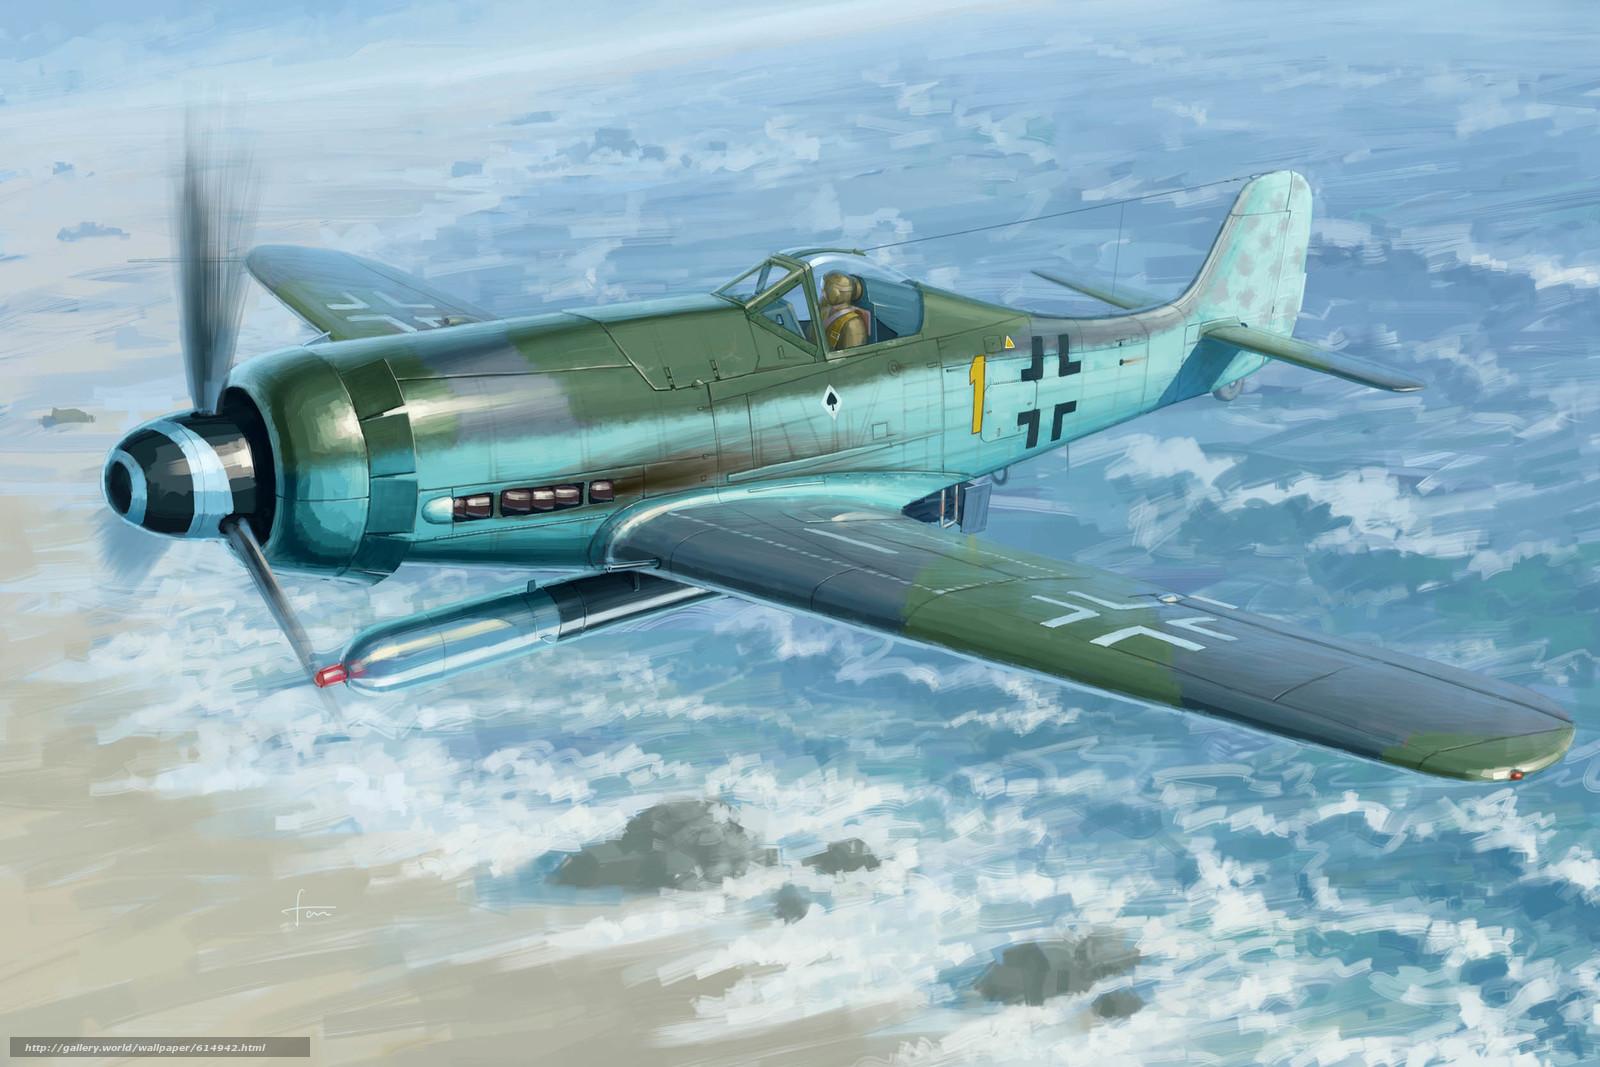 Скачать на телефон обои фото картинку на тему арт, Самолет, Люфтваффе, Германия, Focke-Wulf FW190D-12 R14, разширение 2500x1667